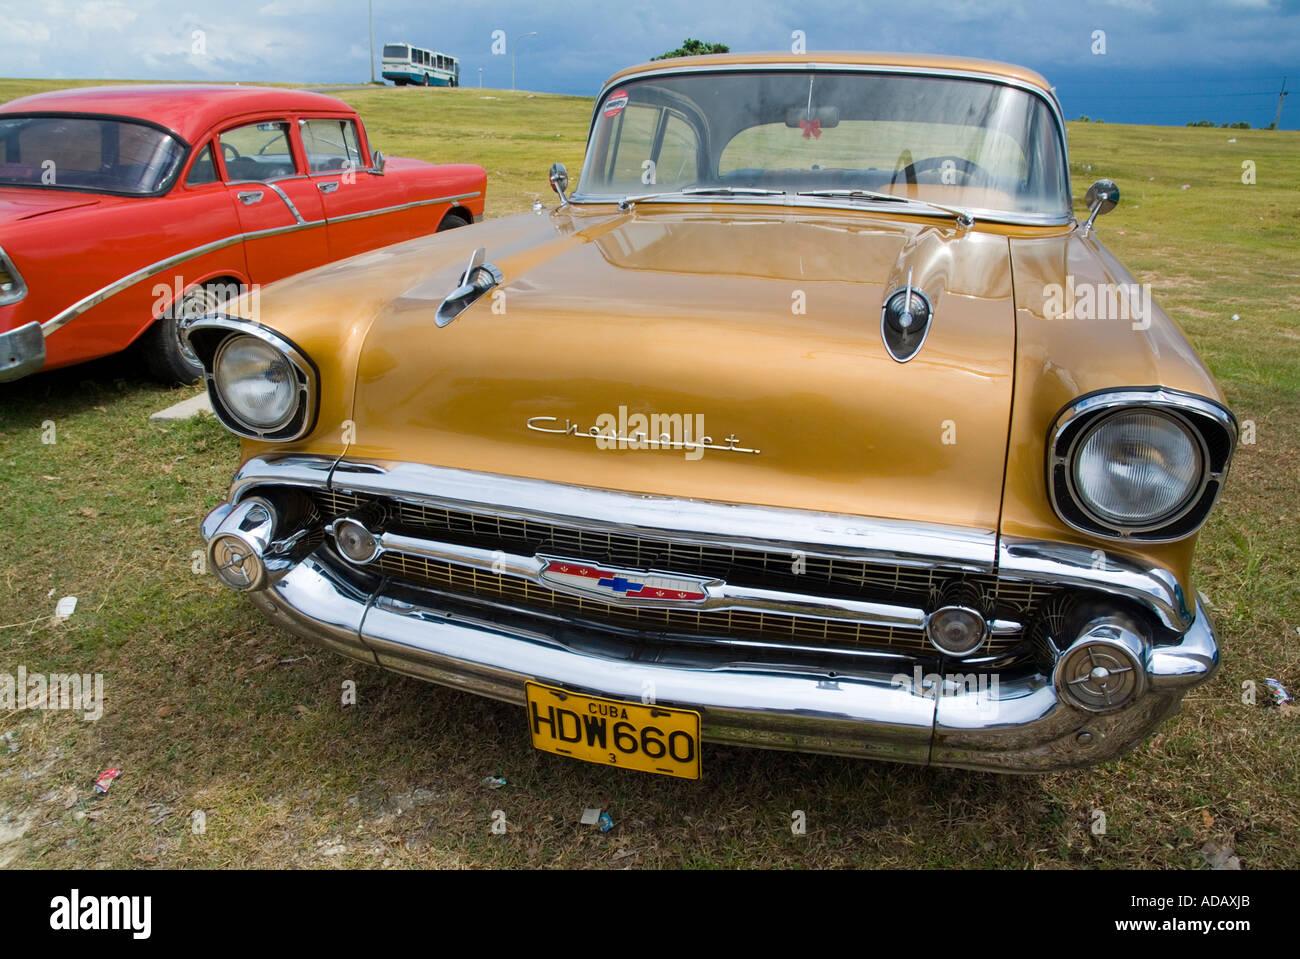 Vintage Car Kuba - amerikanische Oldtimer in Varadero, Matanzas, Kuba. Stockbild